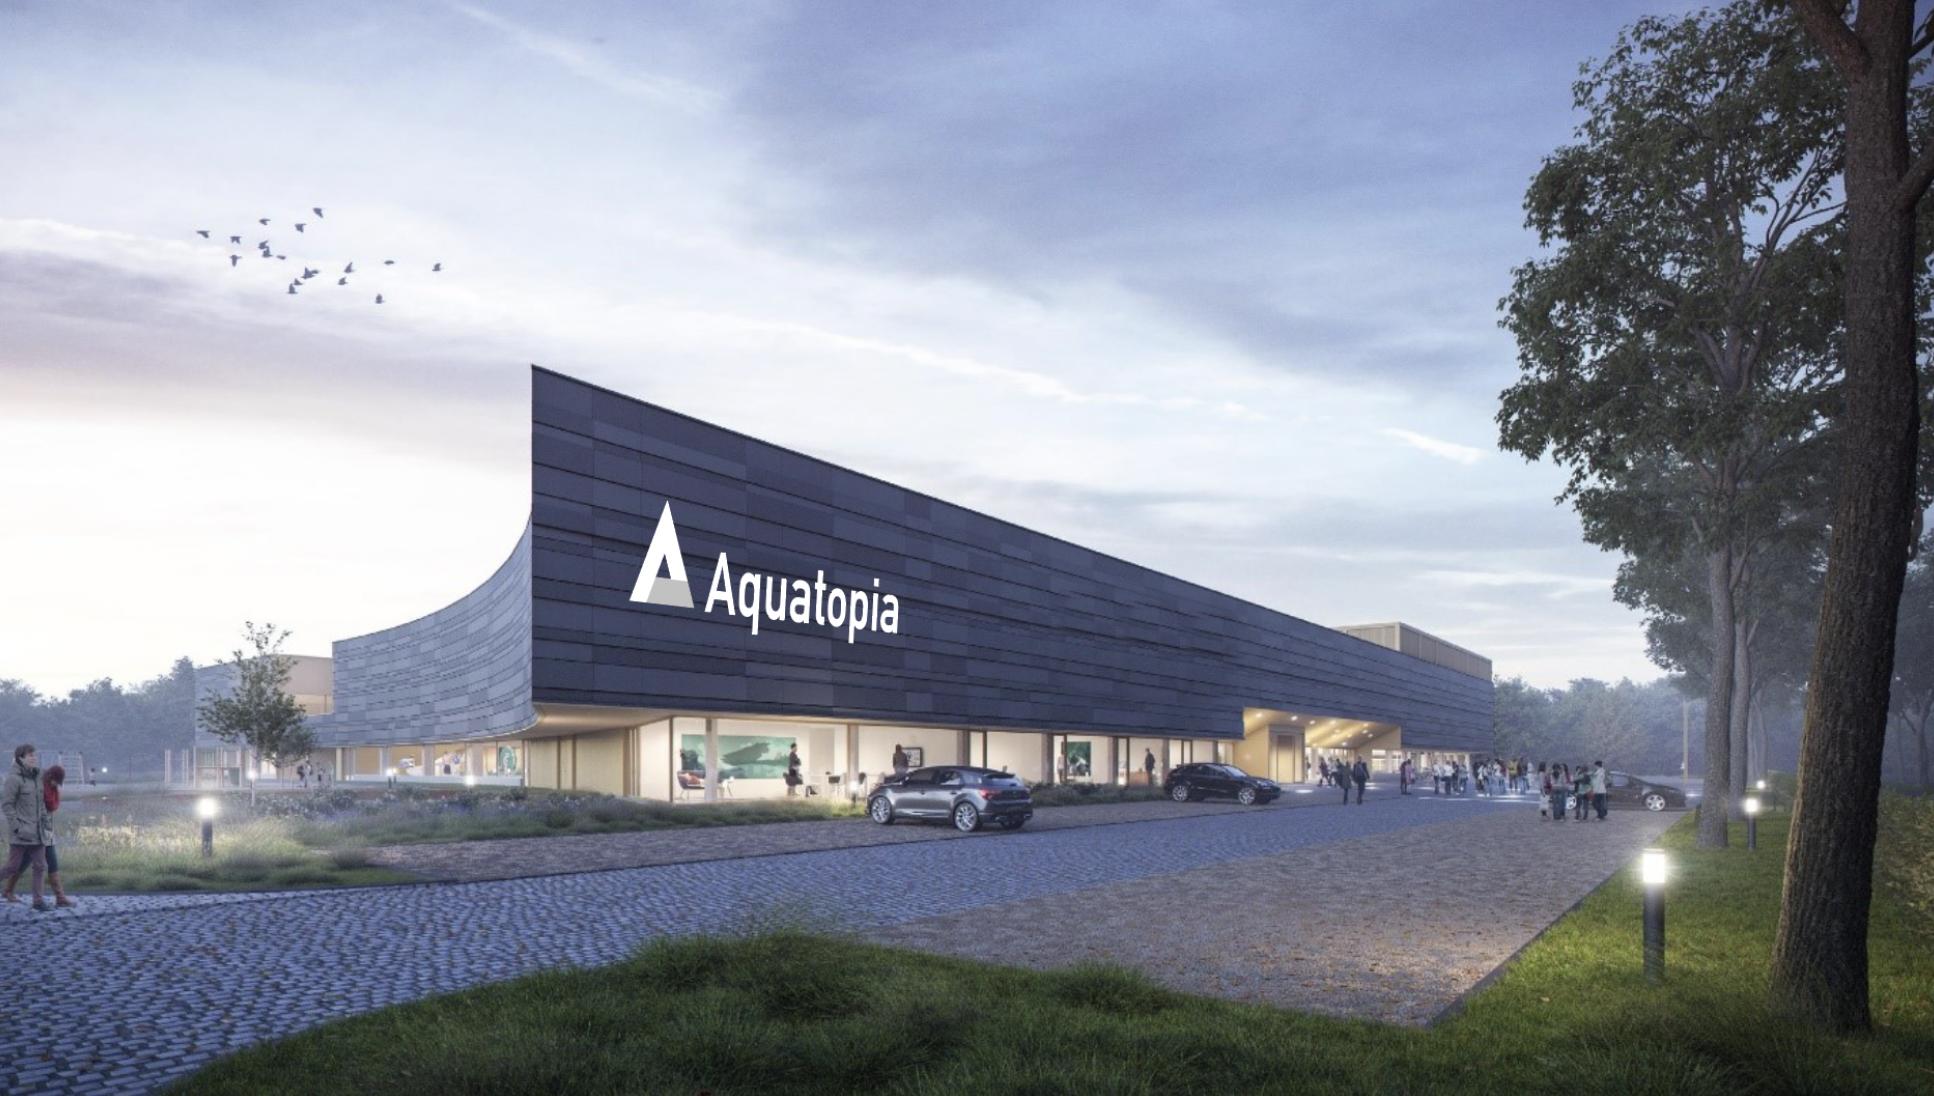 Nieuw zwembadcomplex heet Aquatopia, zwembad krijgt naam van Ilse